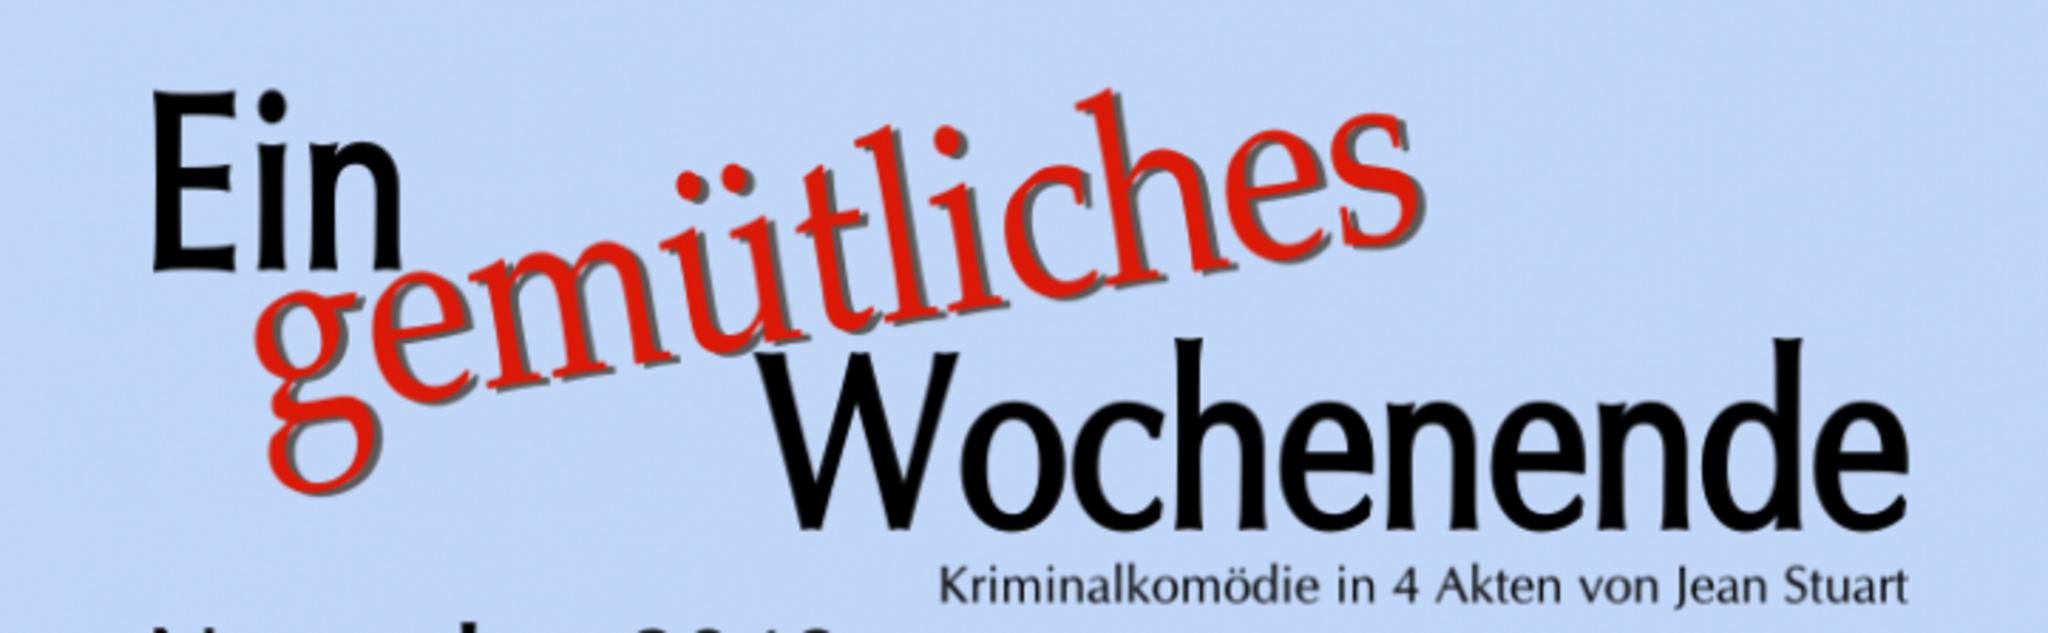 Sankt nikolai im sausal kleinanzeigen sie sucht ihn: Studenten